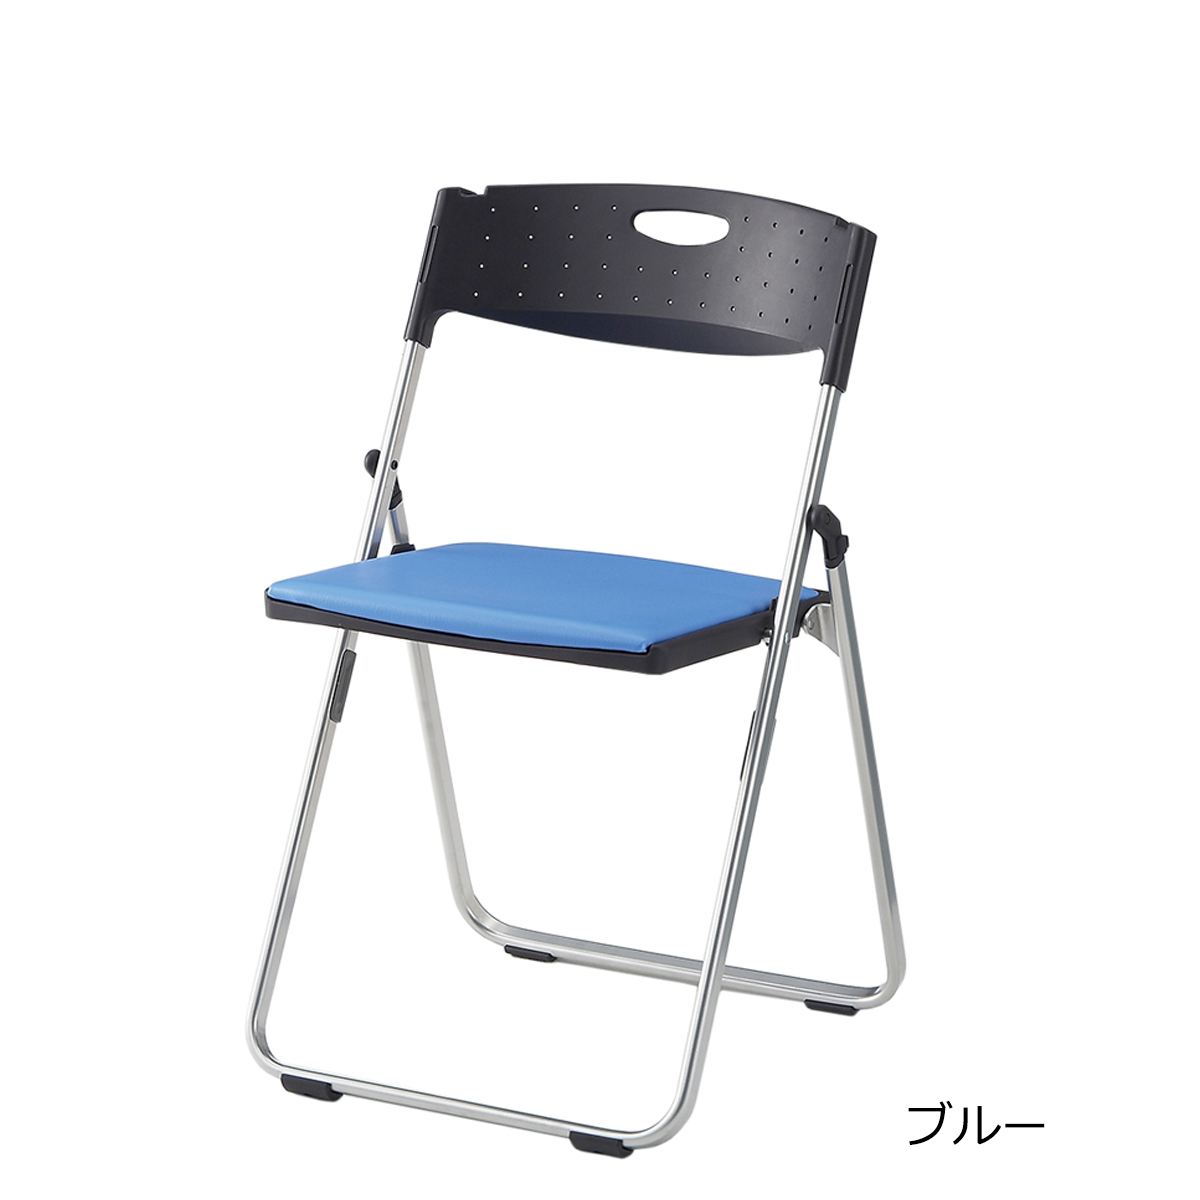 折りたたみ椅子 パイプ椅子 軽量 4.3kg コンパクト スチール脚 | 【5脚セット】 I-CAL-XS02S-V